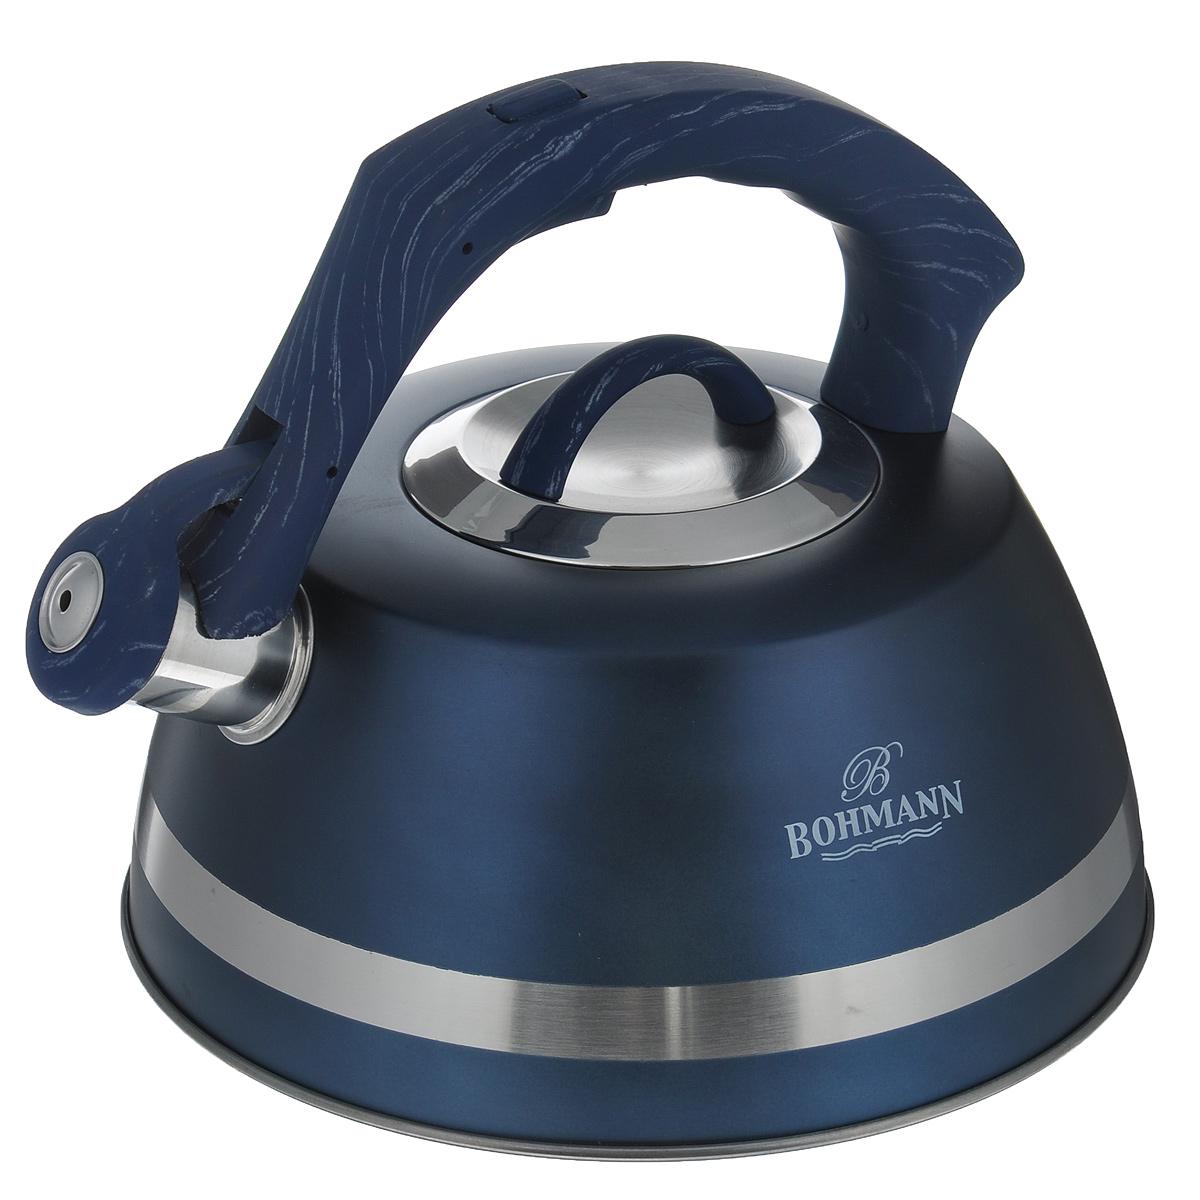 Чайник Bohmann со свистком, цвет: синий, 3,5 л. BH - 9967VT-1520(SR)Чайник Bohmann изготовлен из высококачественной нержавеющей стали с матовым цветным покрытием. Фиксированная ручка изготовлена из бакелита с прорезиненным покрытием. Носик чайника оснащен откидным свистком, звуковой сигнал которого подскажет, когда закипит вода. Свисток открывается нажатием кнопки на ручке.Чайник Bohmann - качественное исполнение и стильное решение для вашей кухни. Подходит для использования на газовых, стеклокерамических, электрических, галогеновых и индукционных плитах. Также изделие можно мыть в посудомоечной машине. Высота чайника (без учета ручки и крышки): 10,5 см. Высота чайника (с учетом ручки): 19 см. Диаметр основания чайника: 22,5 см. Диаметр чайника (по верхнему краю): 10 см.